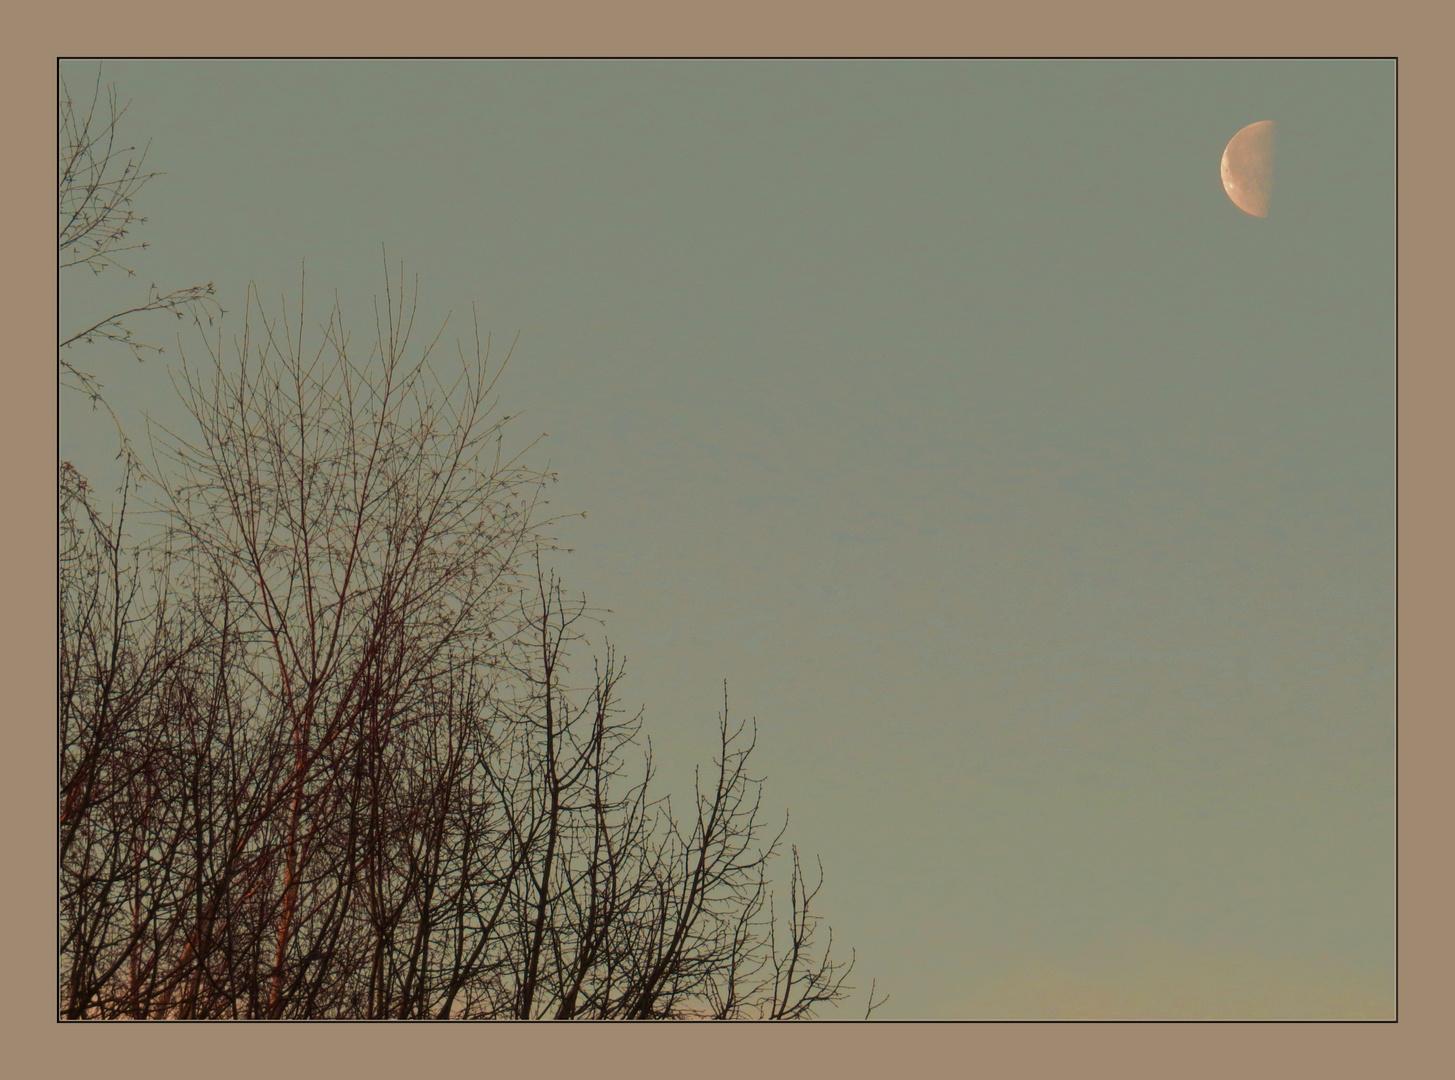 sachter Sonnenaufgang trifft auf 7.30 Uhr Mond,